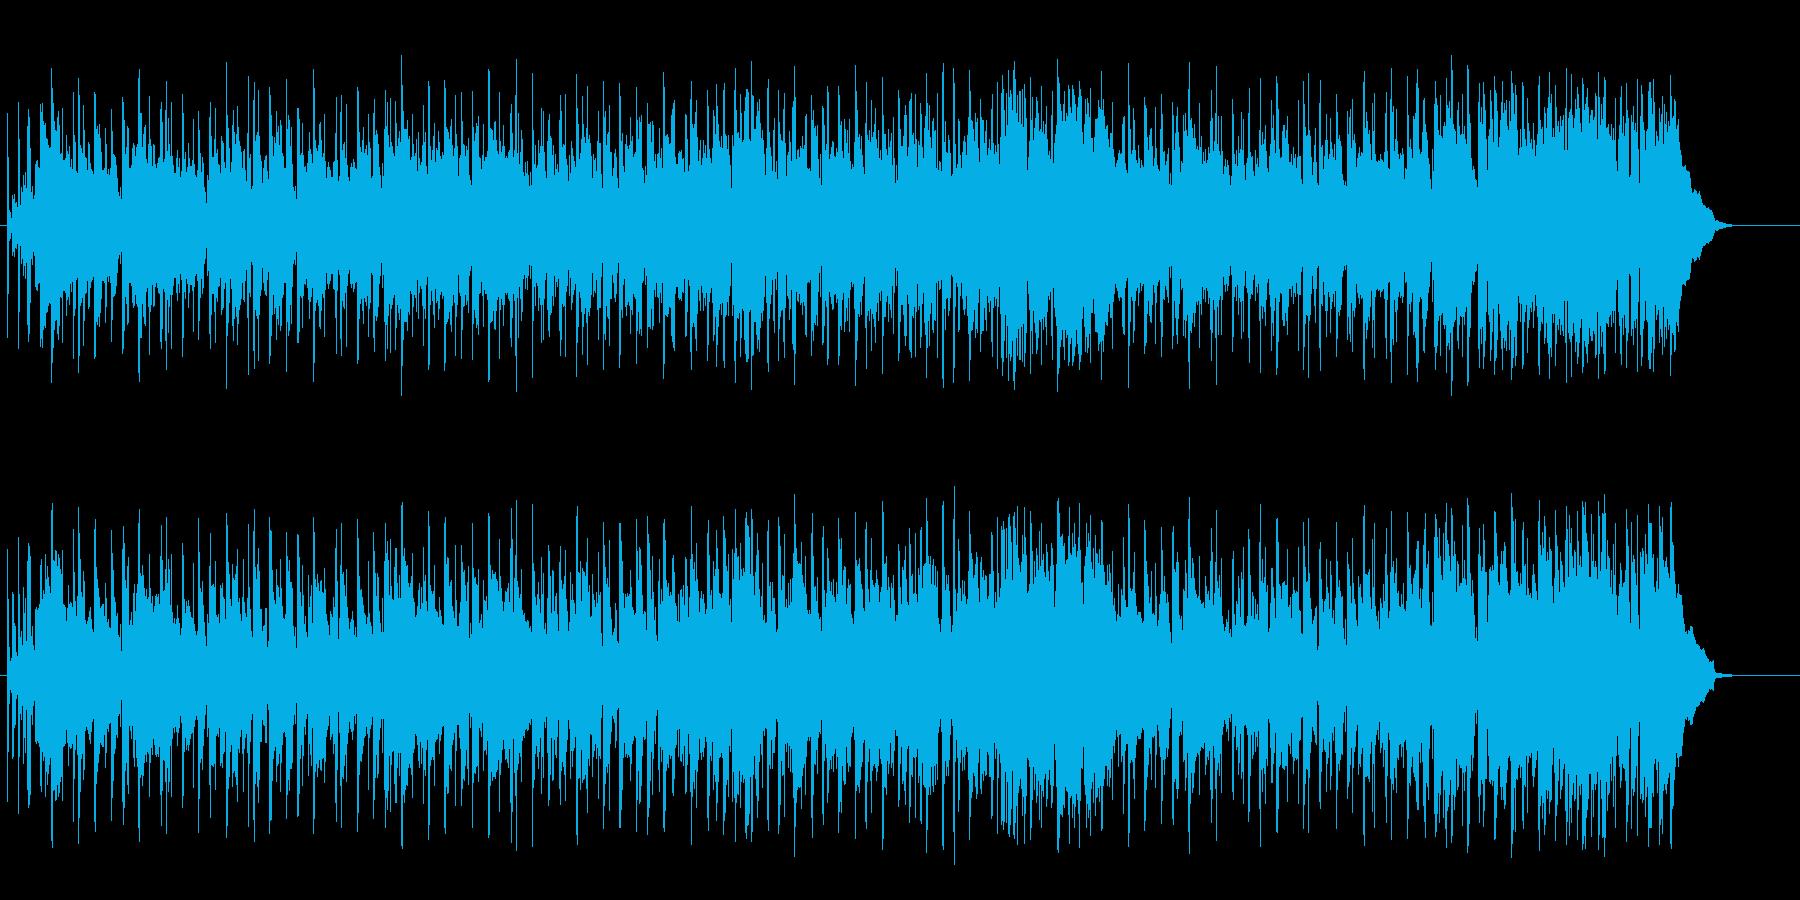 爽やかなイージーリスニングポップスの再生済みの波形